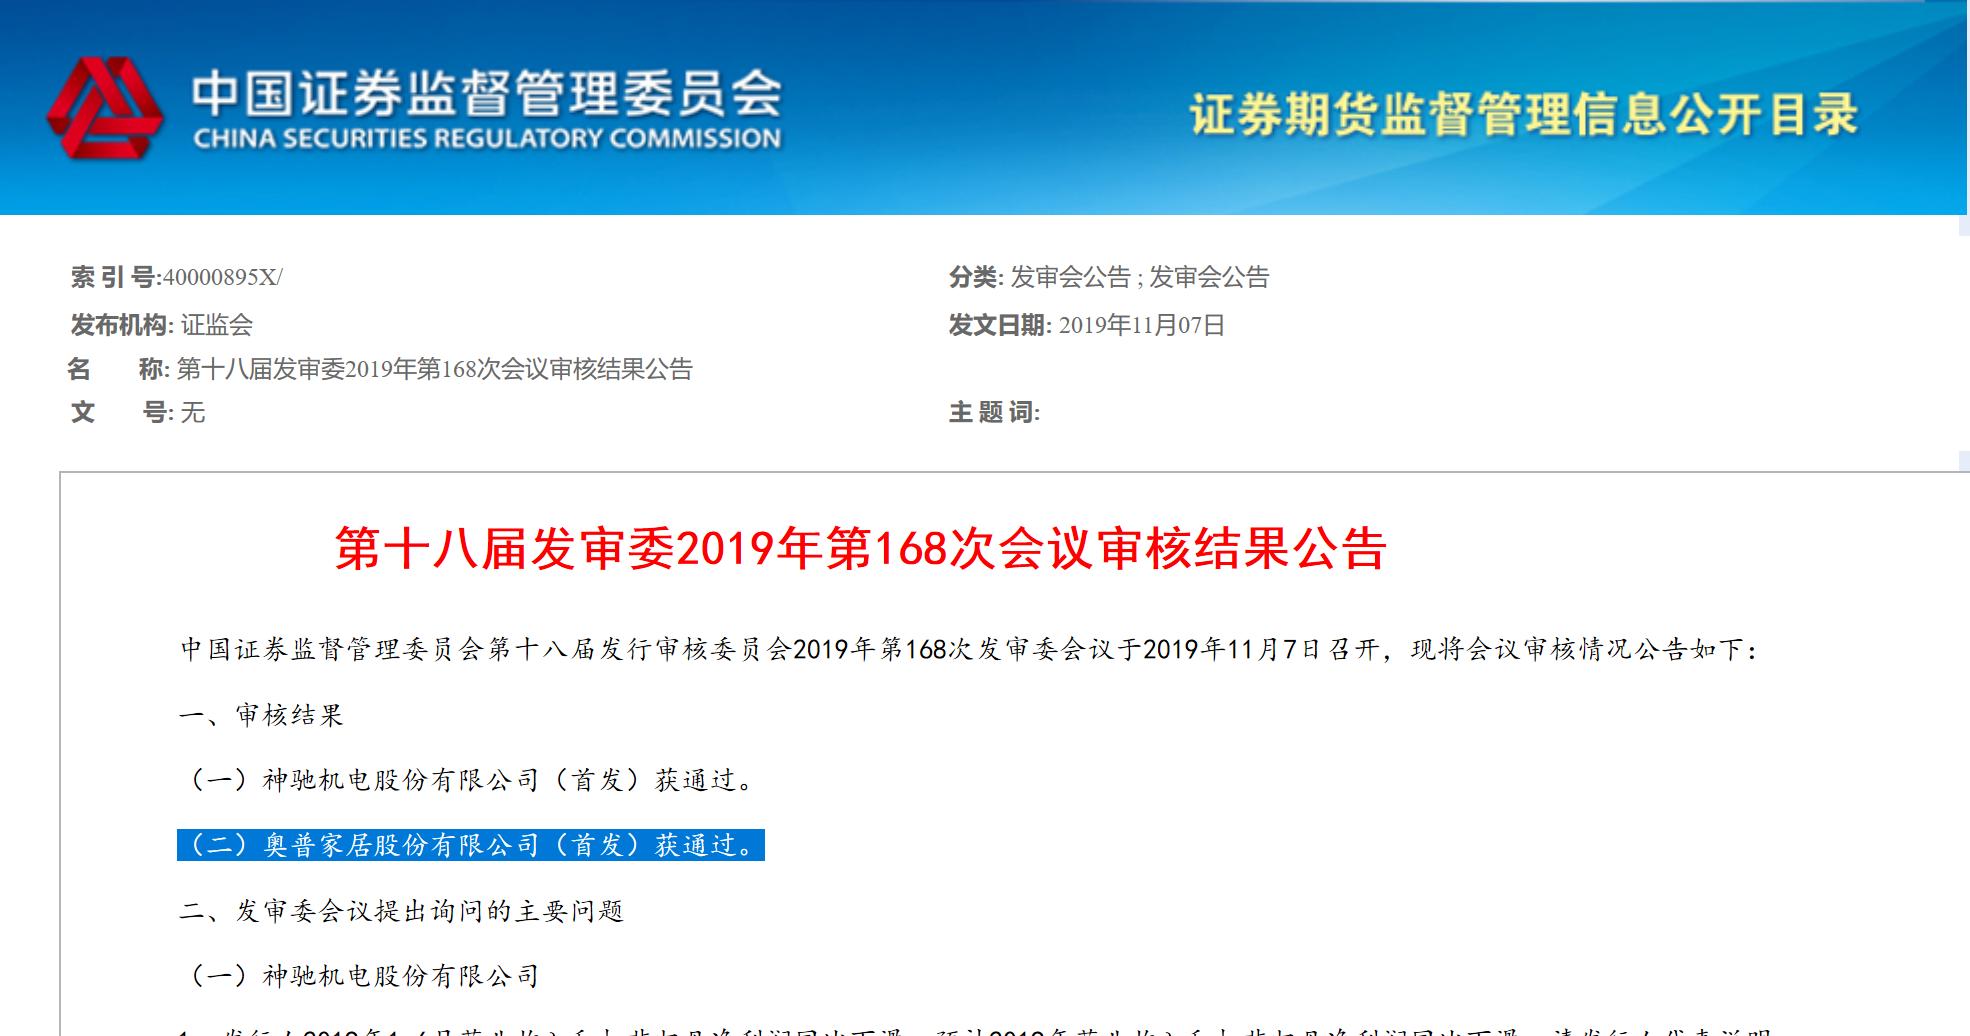 图/中国证券监督管理委员会截图